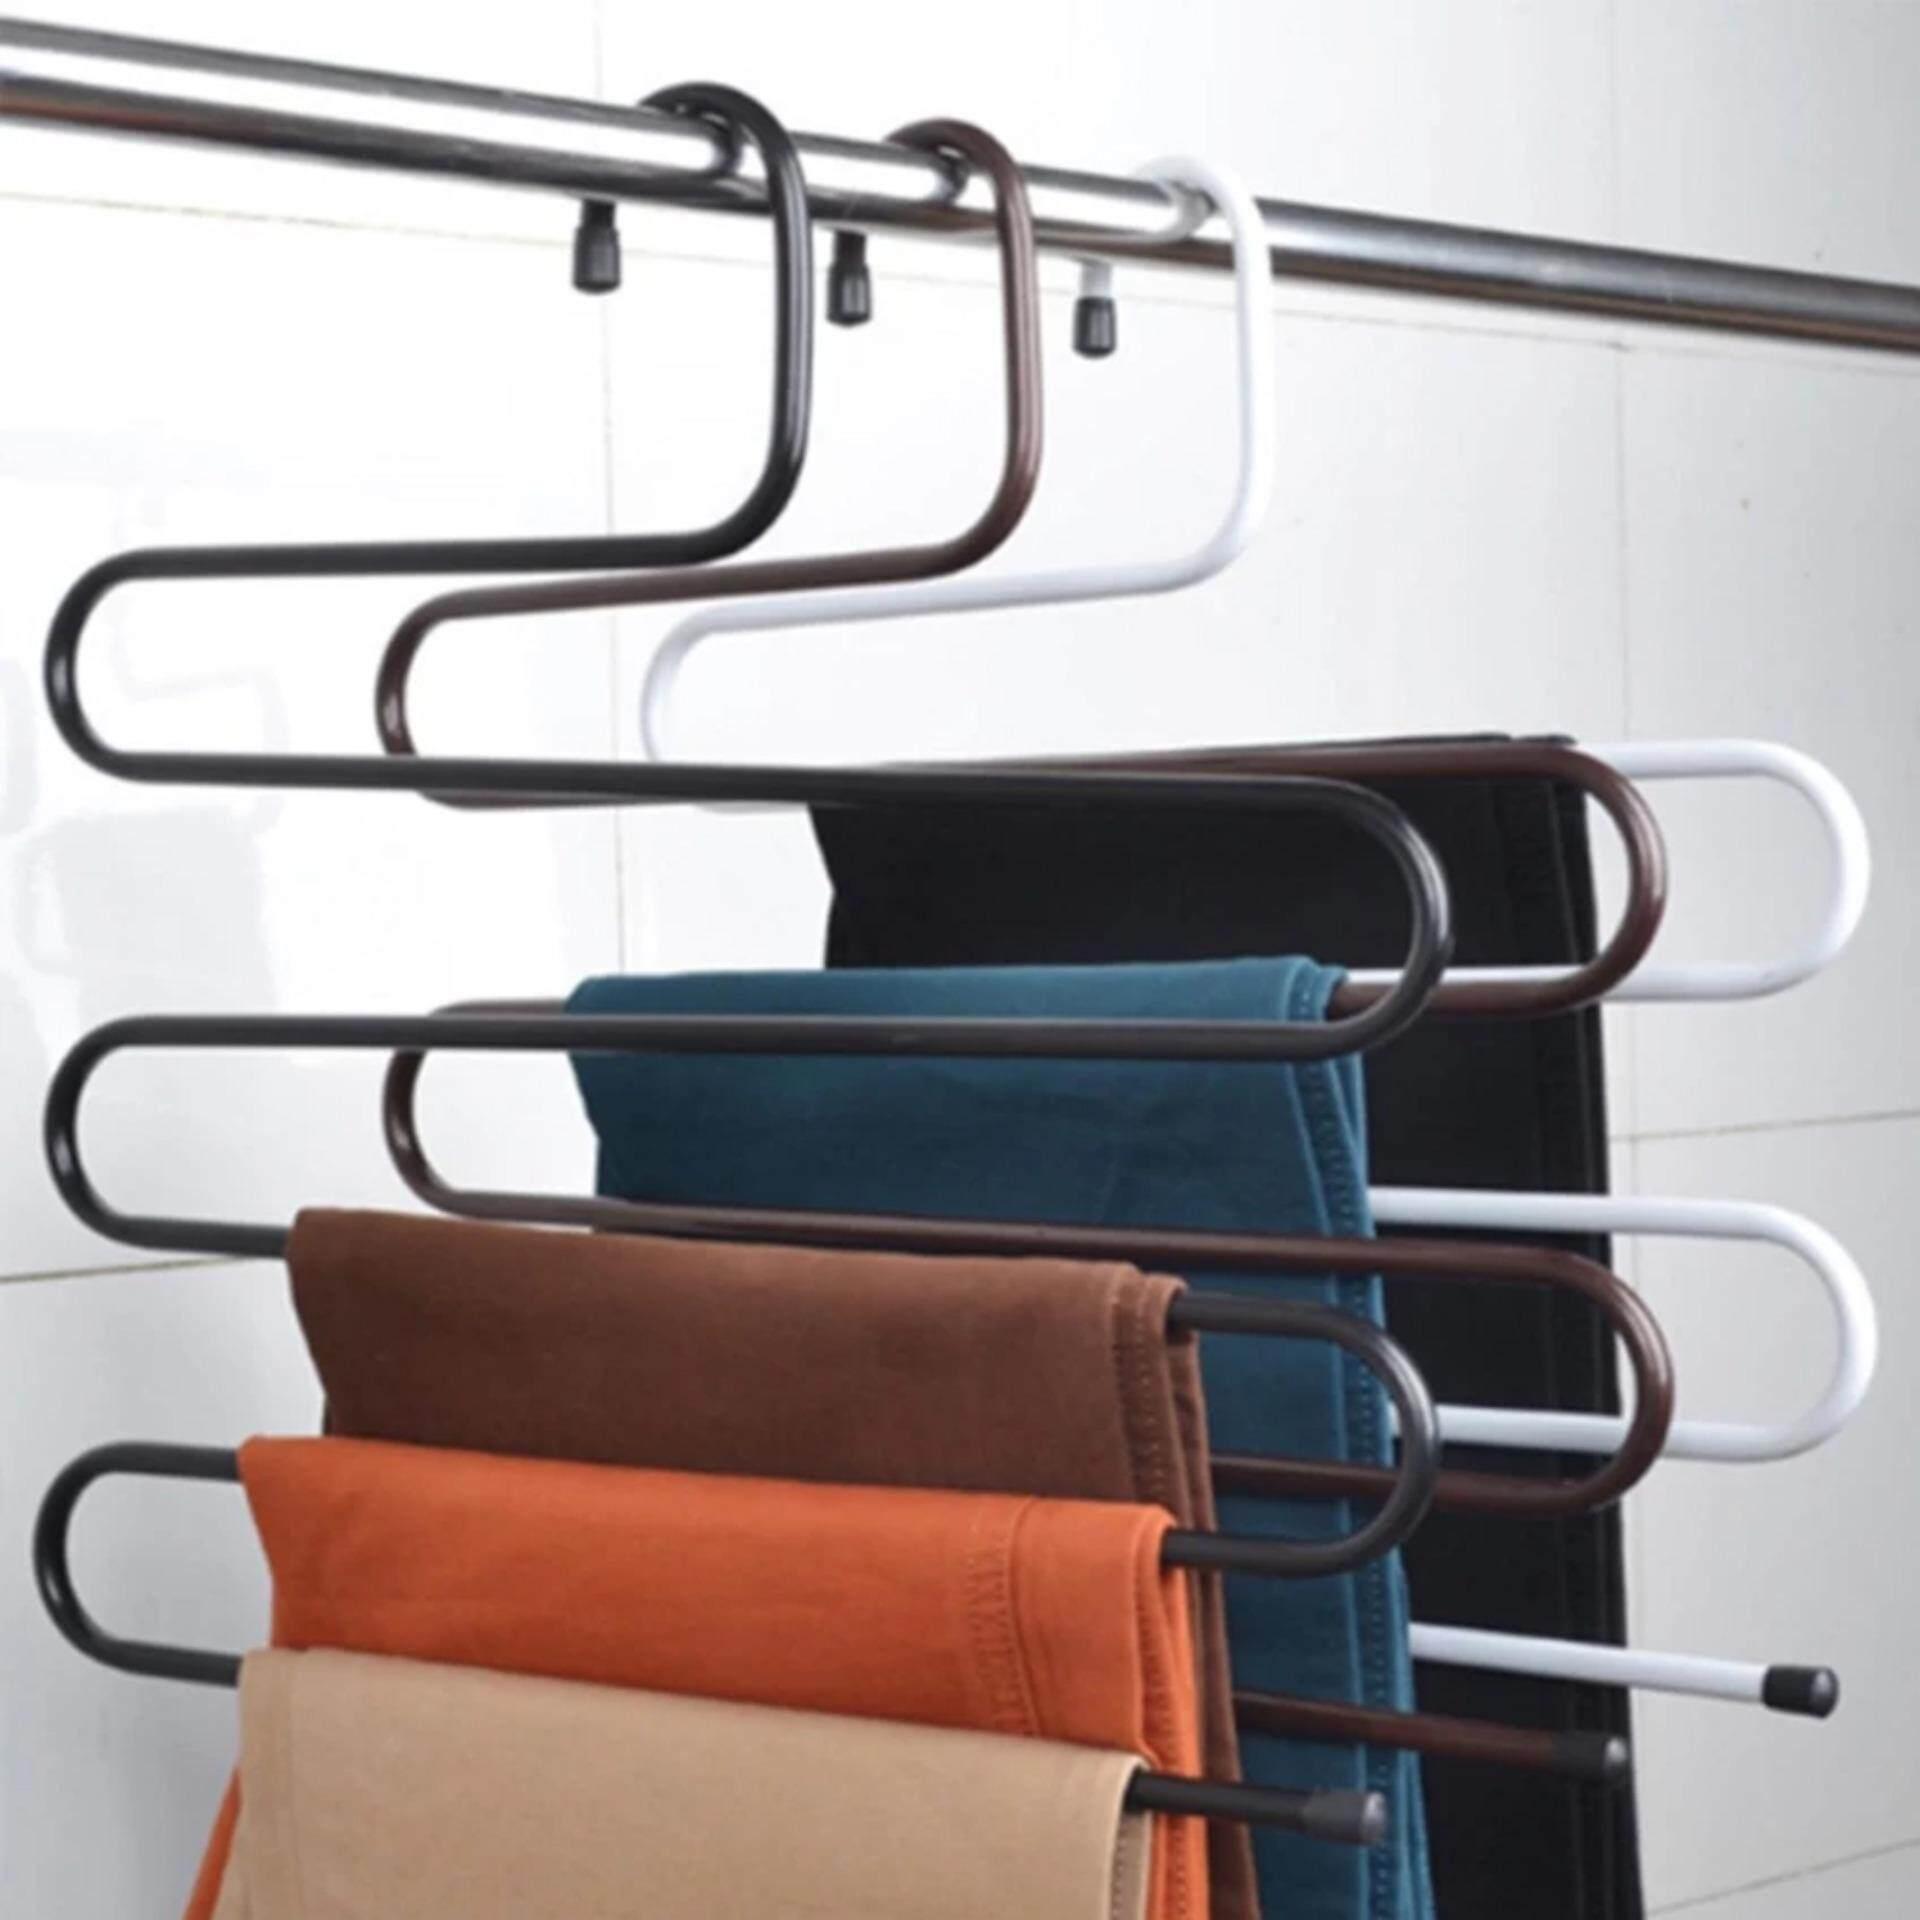 ซื้อ Cassa ชุด Set 4ชิ้น ไม้แขวนกางเกง แบบประหยัดพื้นที่ ภายในตู้เสื้อผ้า สีน้ำตาล รุ่น 188 Hc7481 Br ออนไลน์ สมุทรปราการ